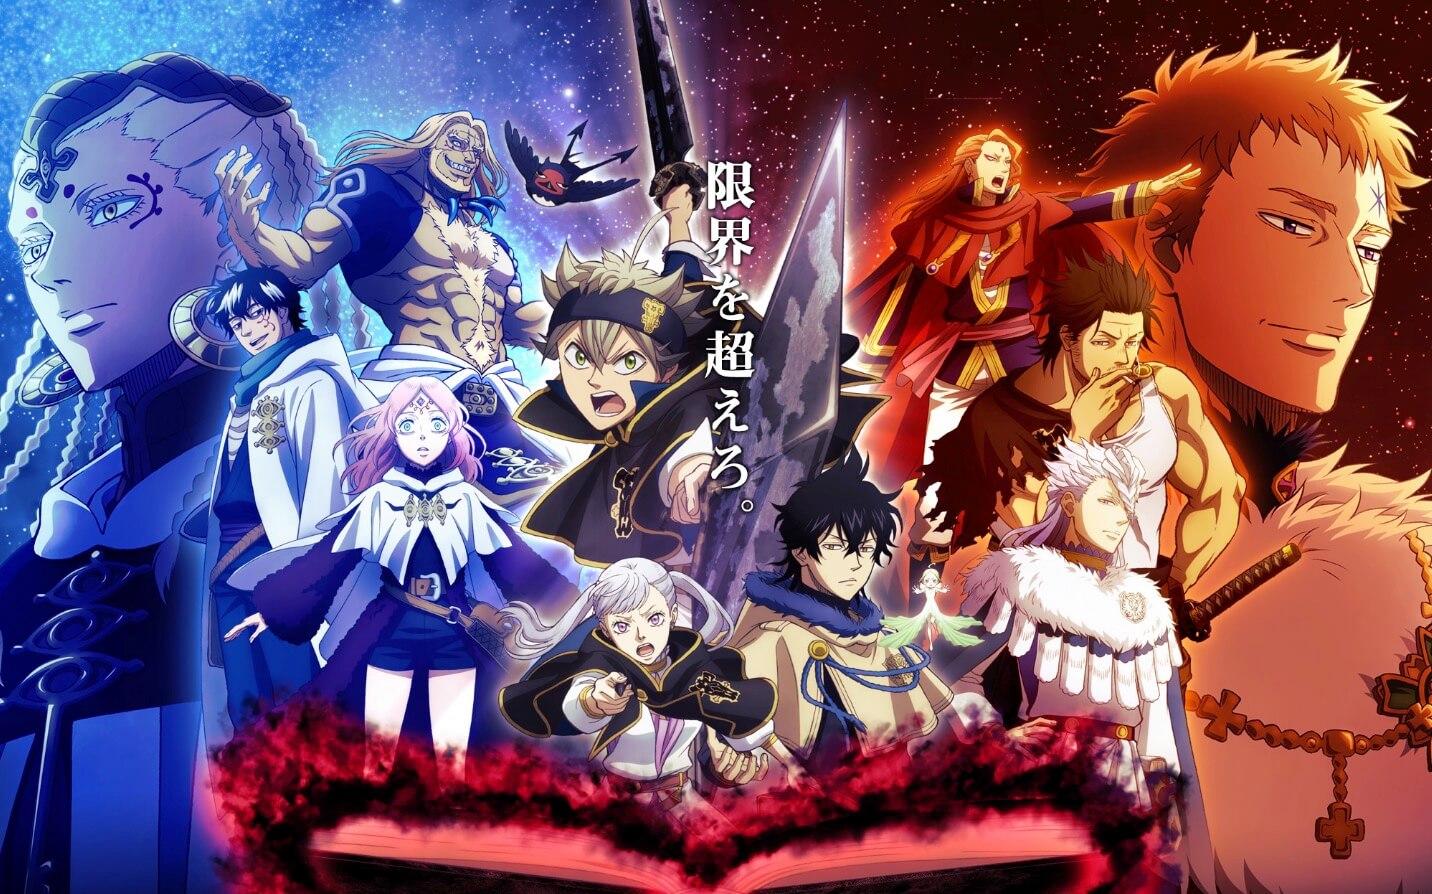 Descargar anime de Black Clover subtitulado en español